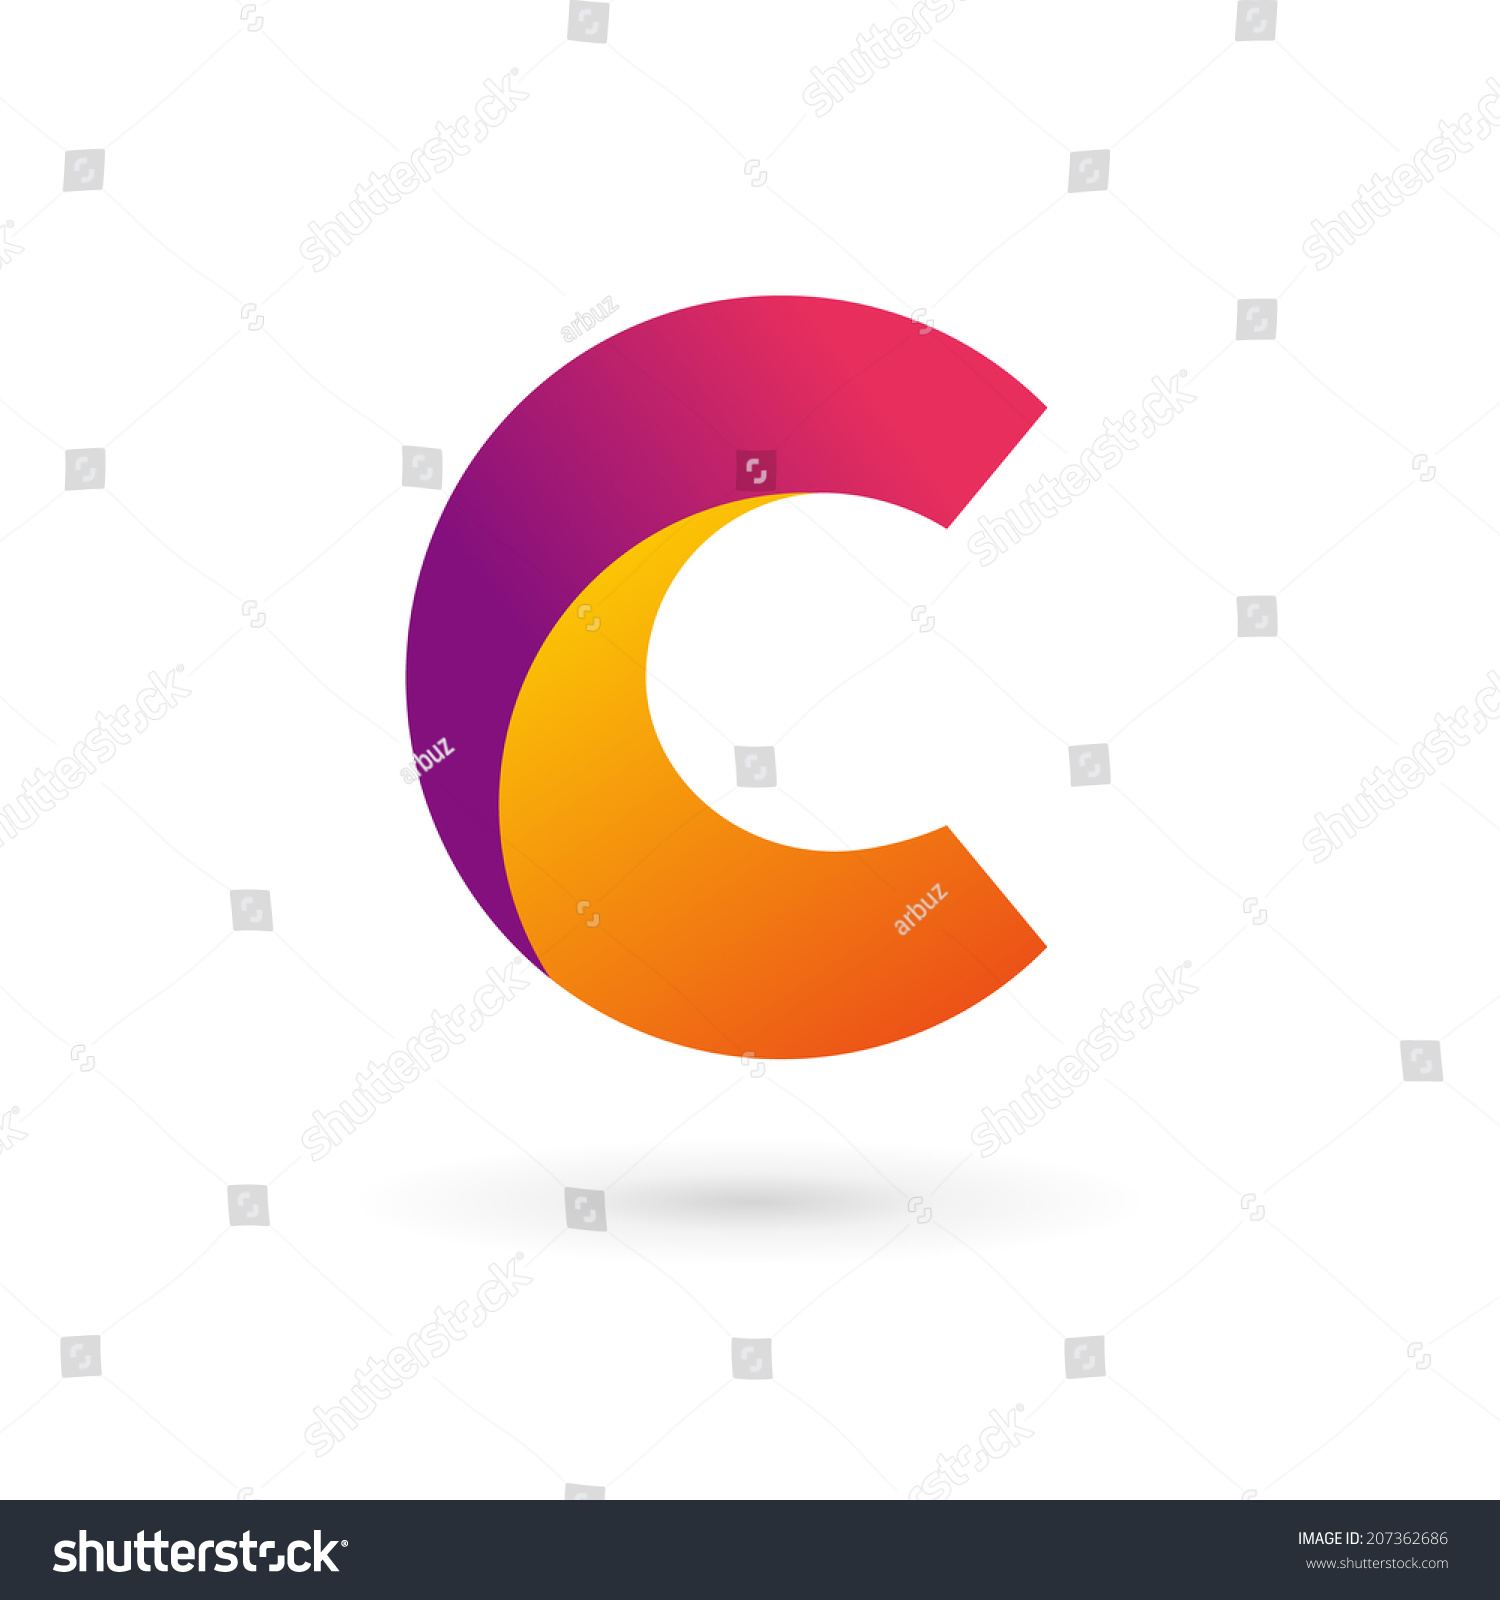 C logo design